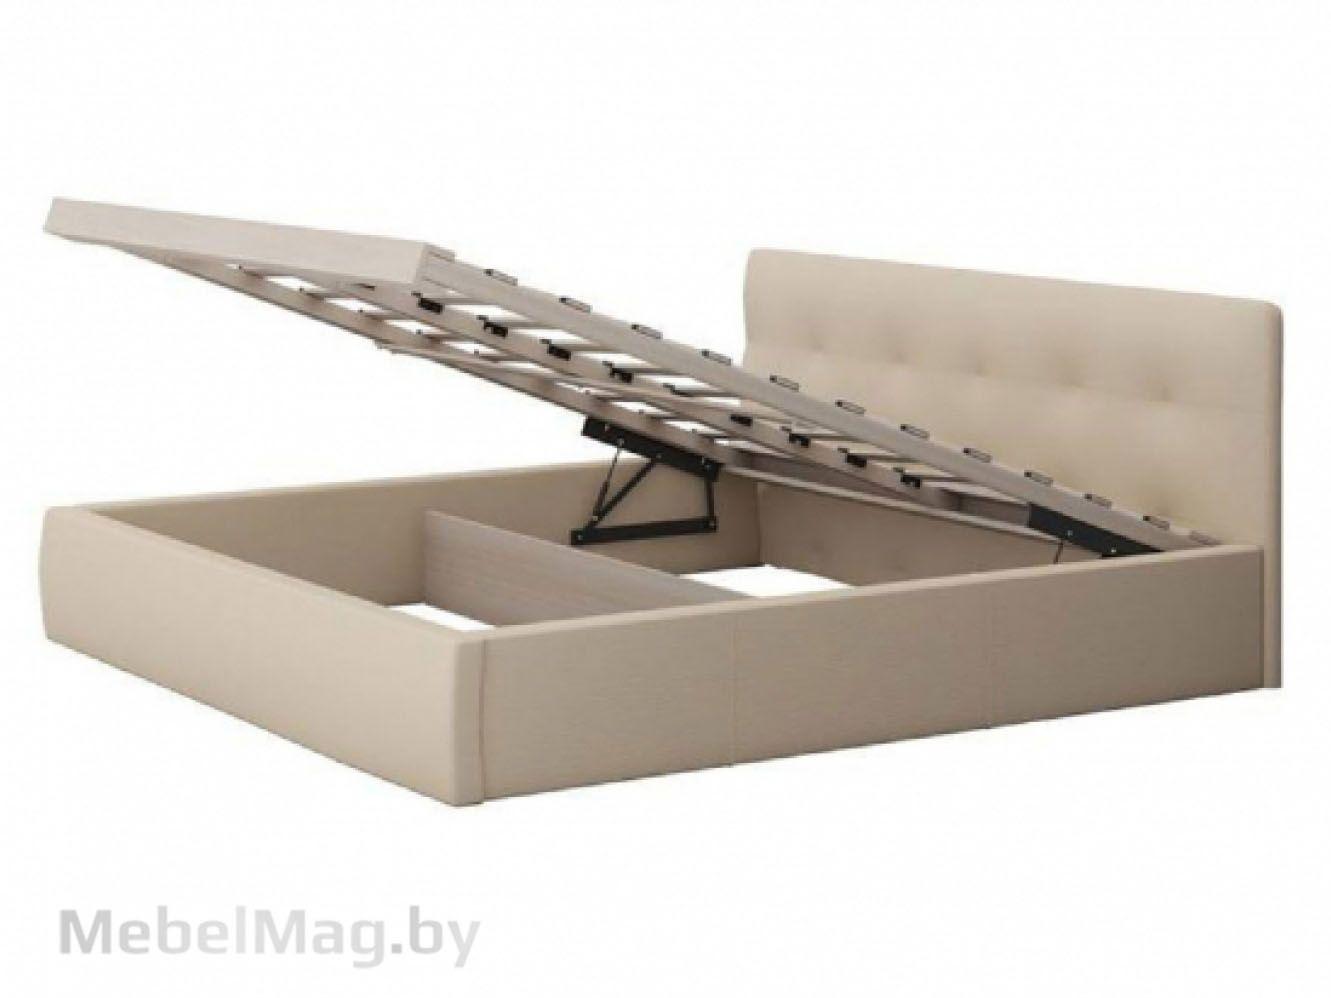 Короб с подъемным механизмом для кровати Монако